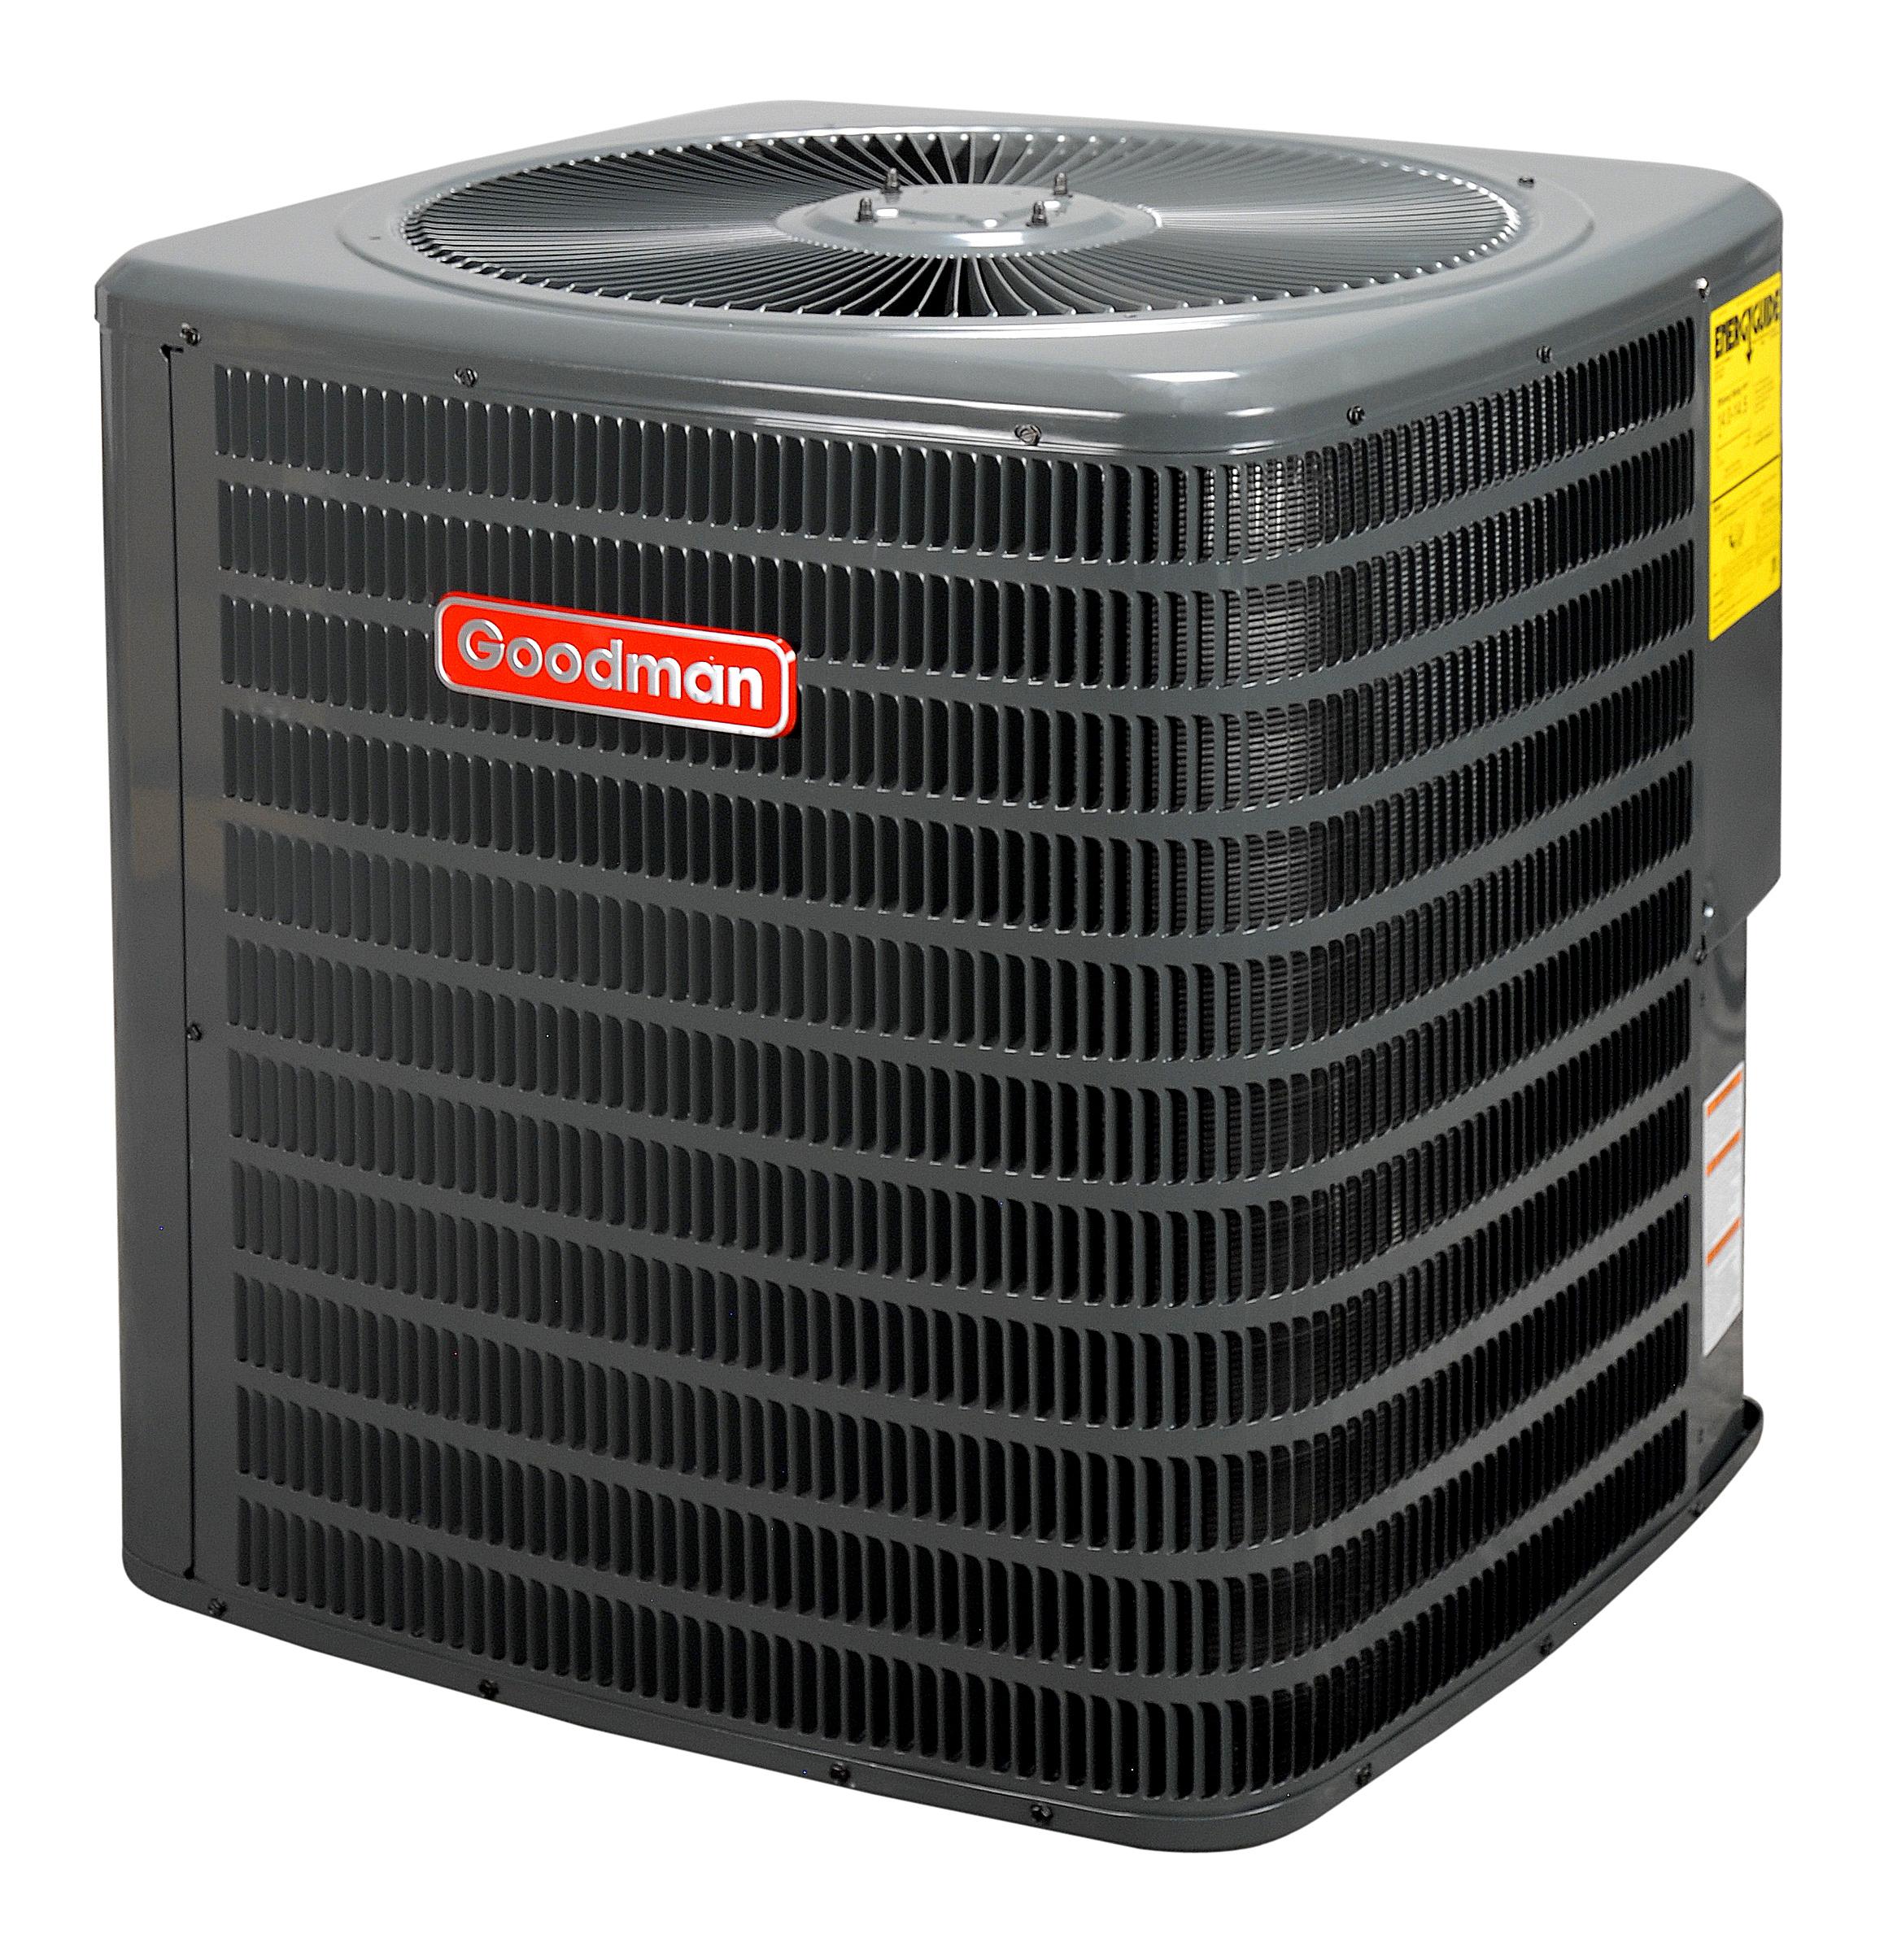 Goodman 2 5 Ton 14 SEER GSX140301 Central Air Conditioner Condenser